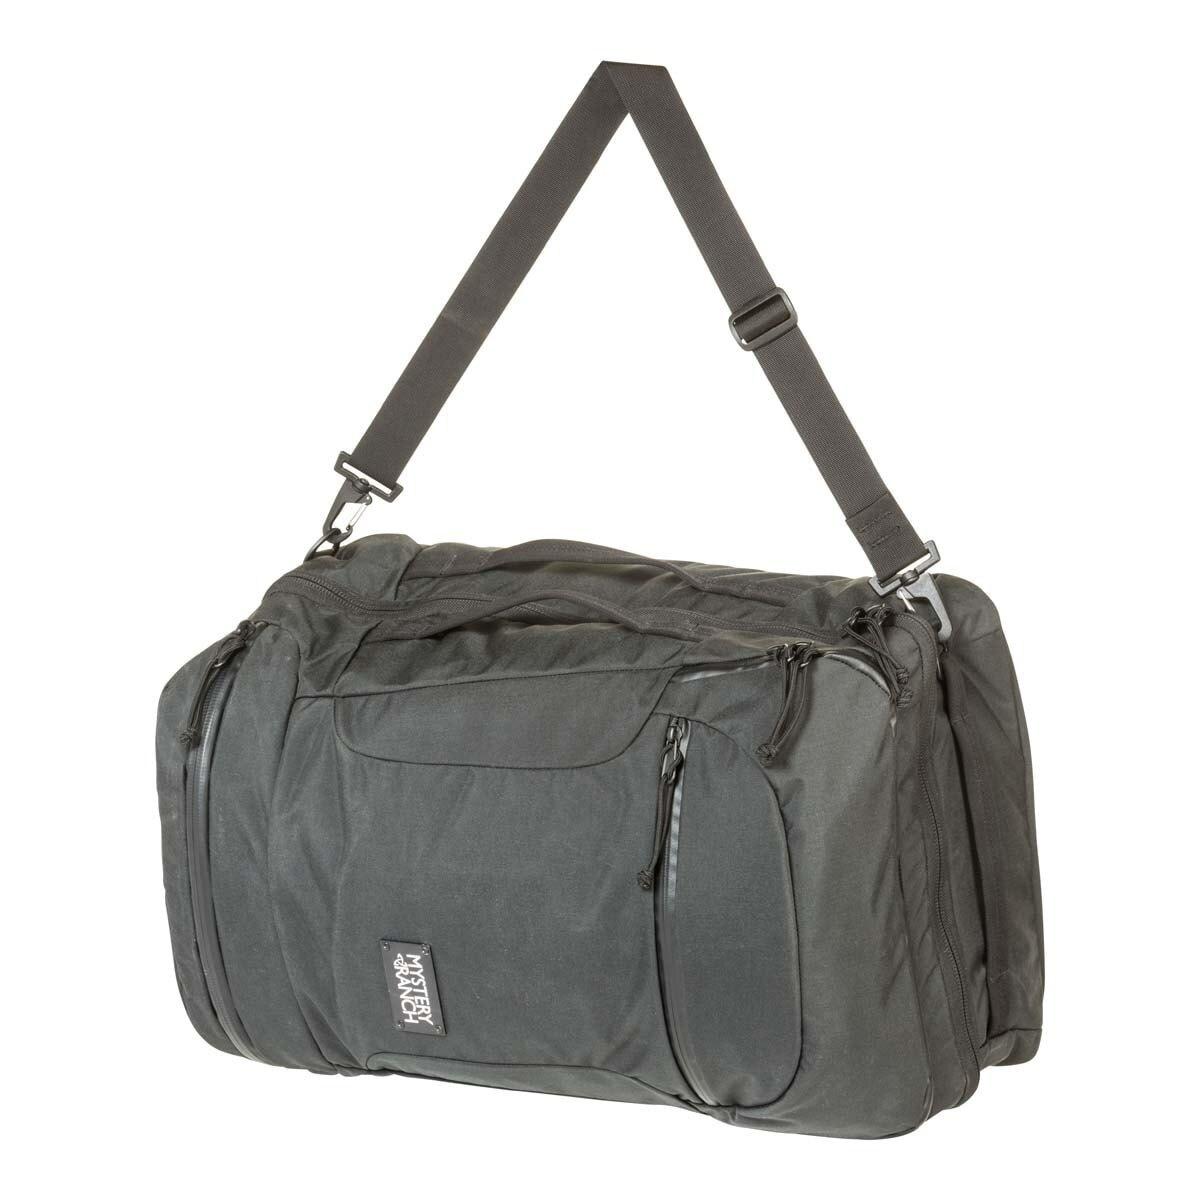 Cestovná taška Mission Rover Mystery Ranch® – Čierna (Farba: Čierna)